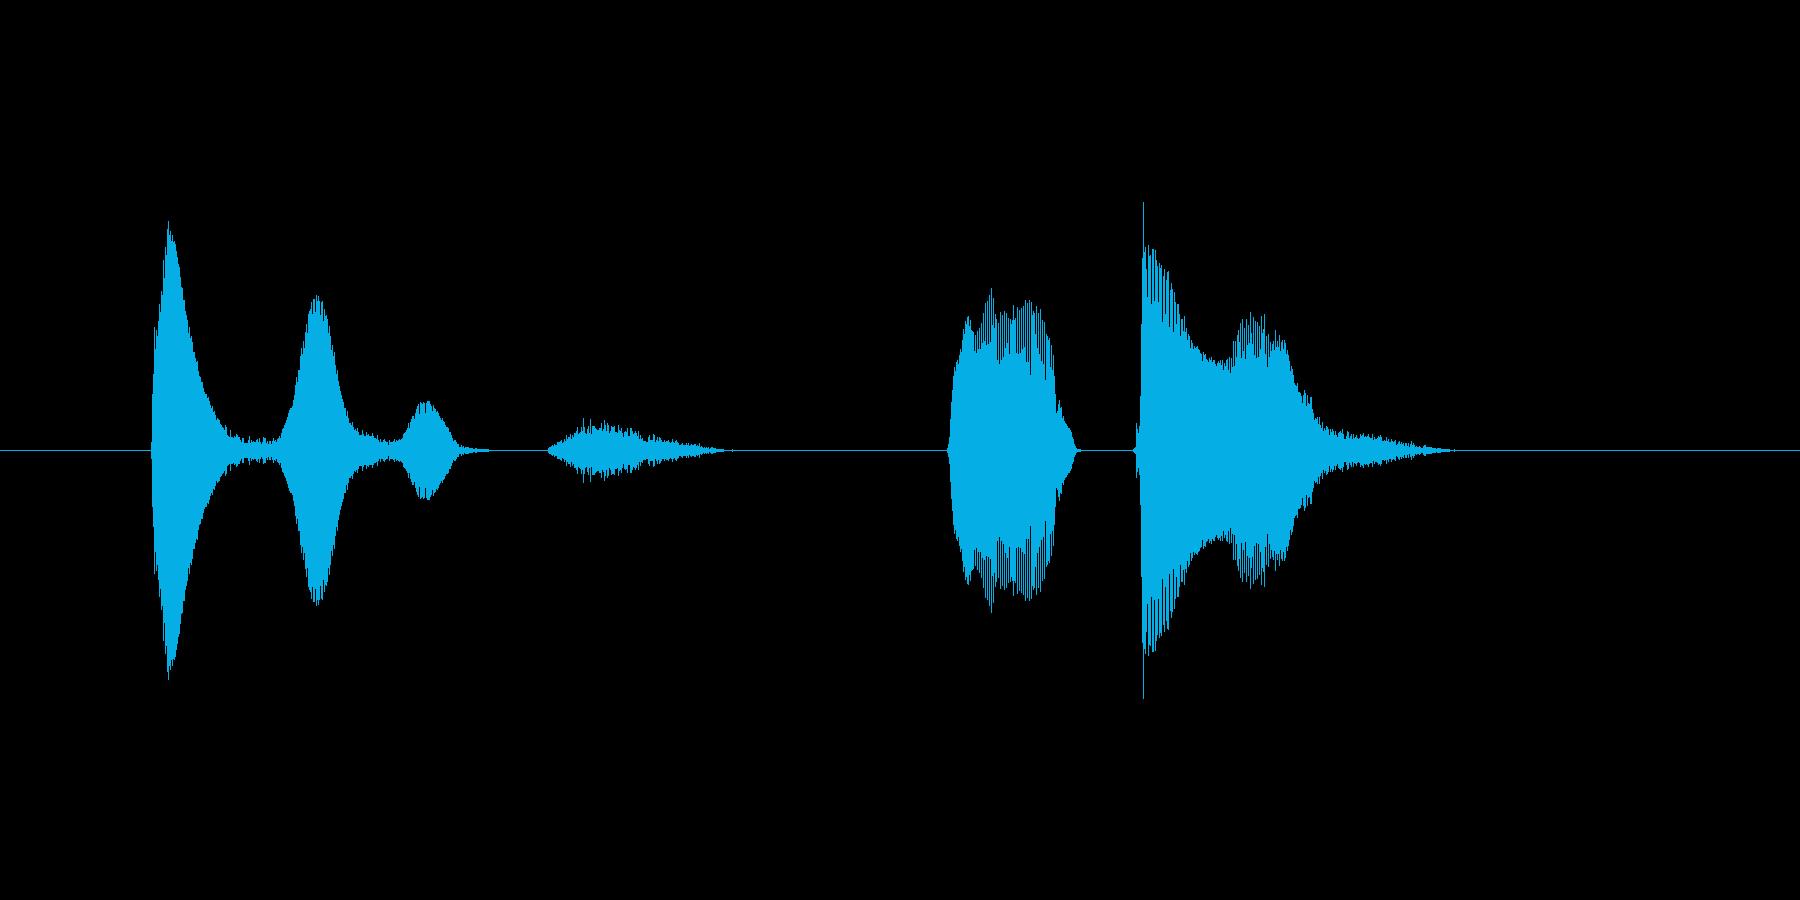 うふふ、やったわ。(Type-C)の再生済みの波形